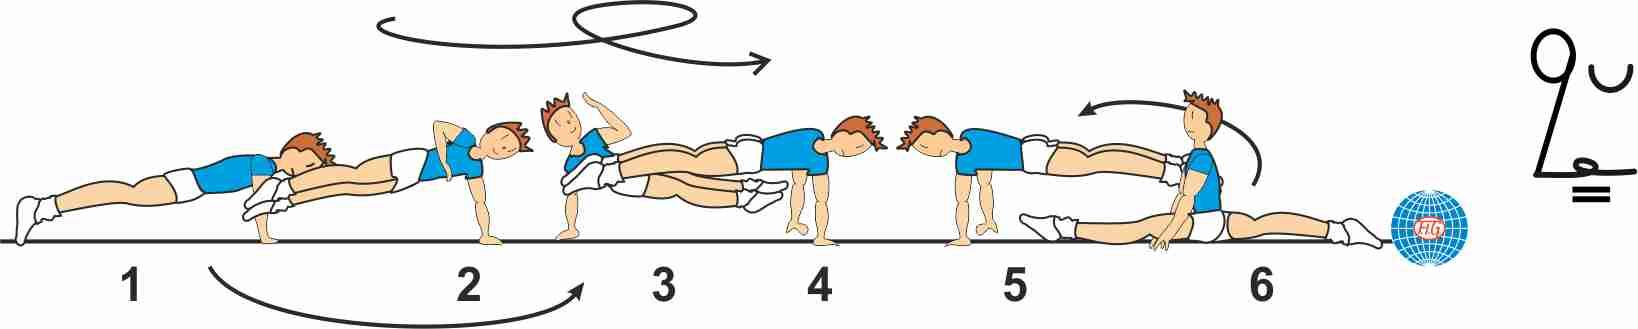 DOUBLE LEG 1/1 CIRCLE 1/2 TURN TO SPLIT